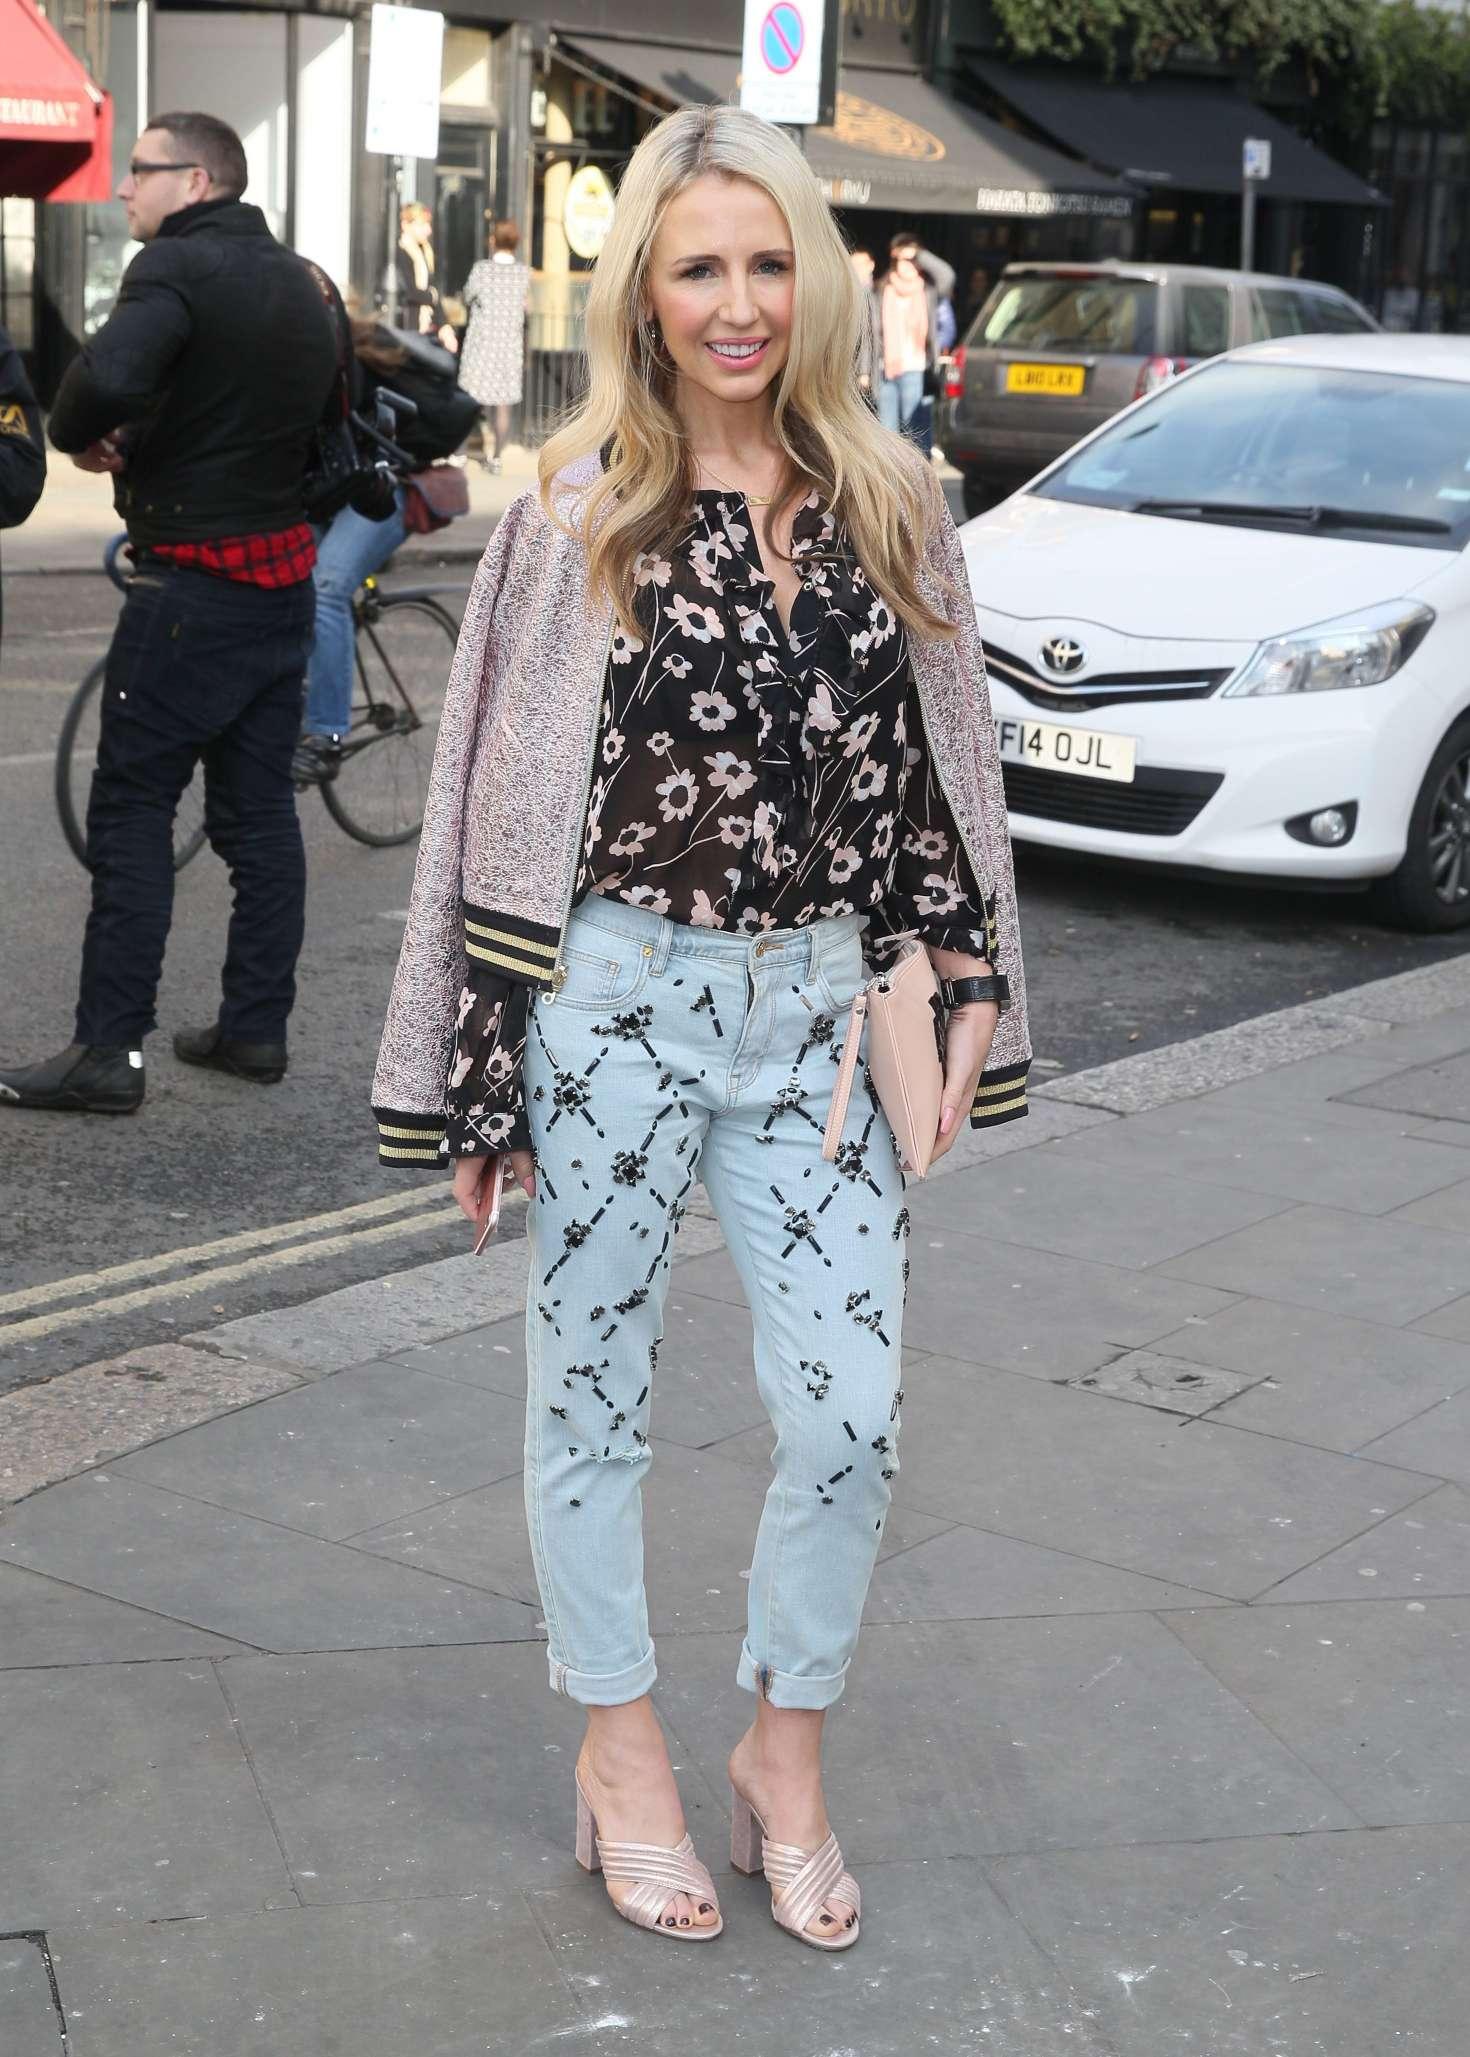 Naomi Isted at London Fashion Week 2017